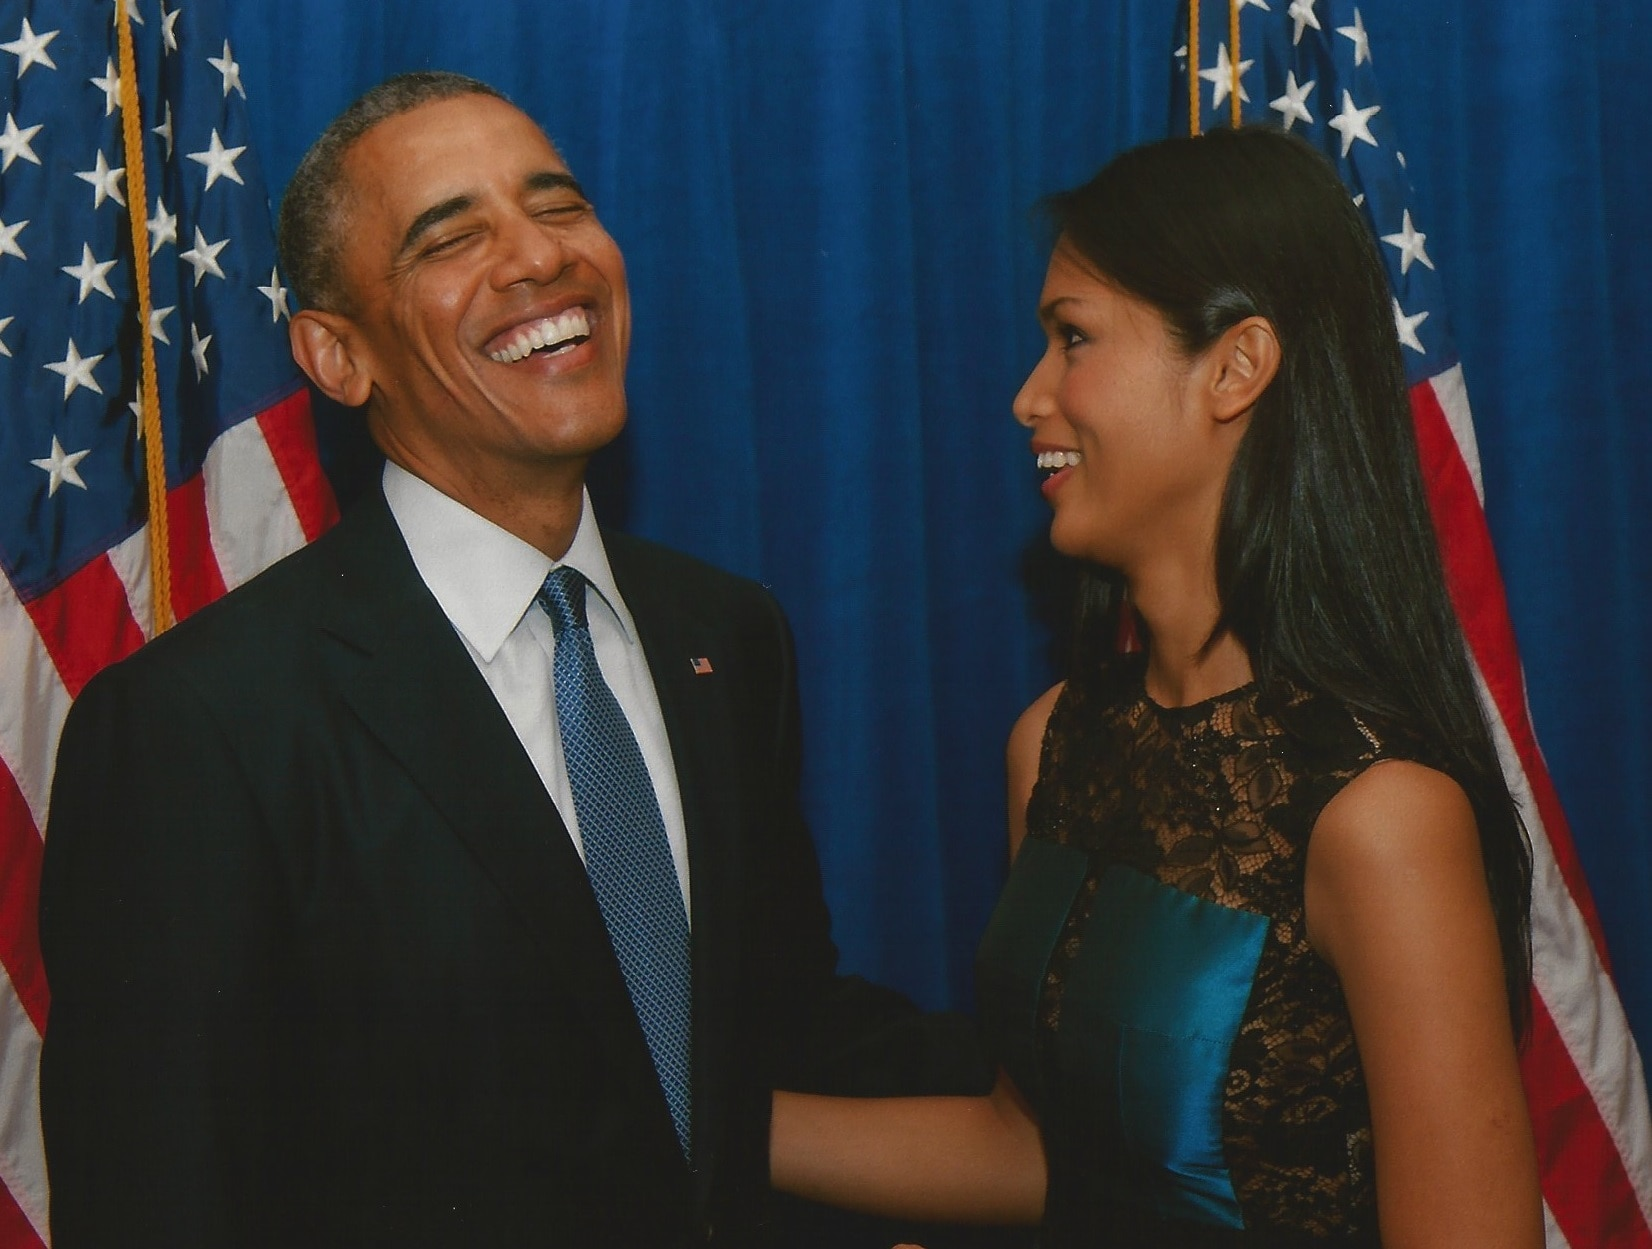 Le président Obama et Geena Rocero en train d'échanger des plaisanteries (Avec l'aimable autorisation de Geena Rocero)